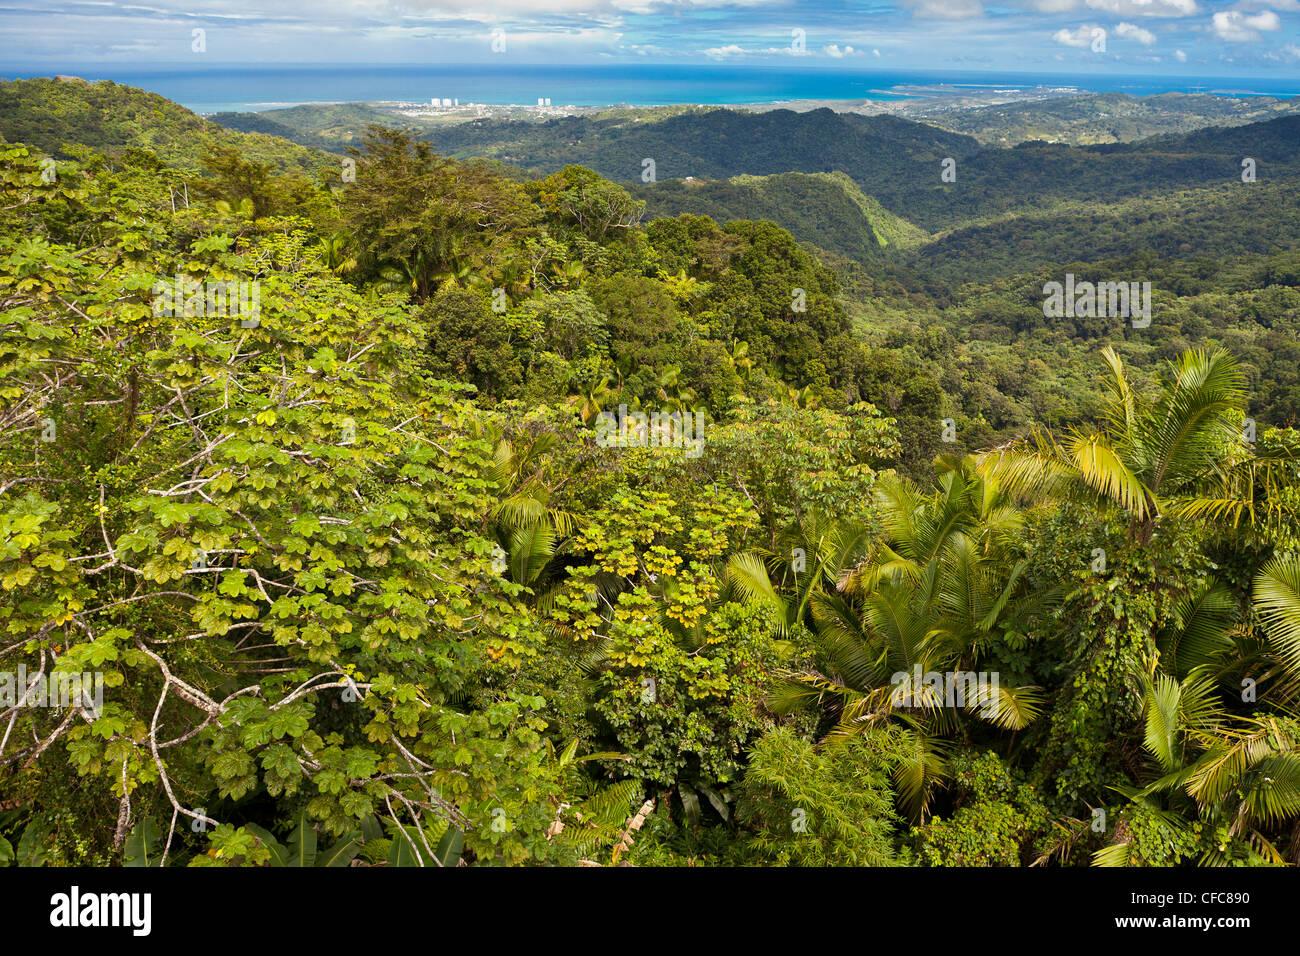 EL YUNQUE NATIONAL FOREST, PUERTO RICO - Regenwald Dschungel Baldachin Landschaft und Küste in der Nähe Stockbild